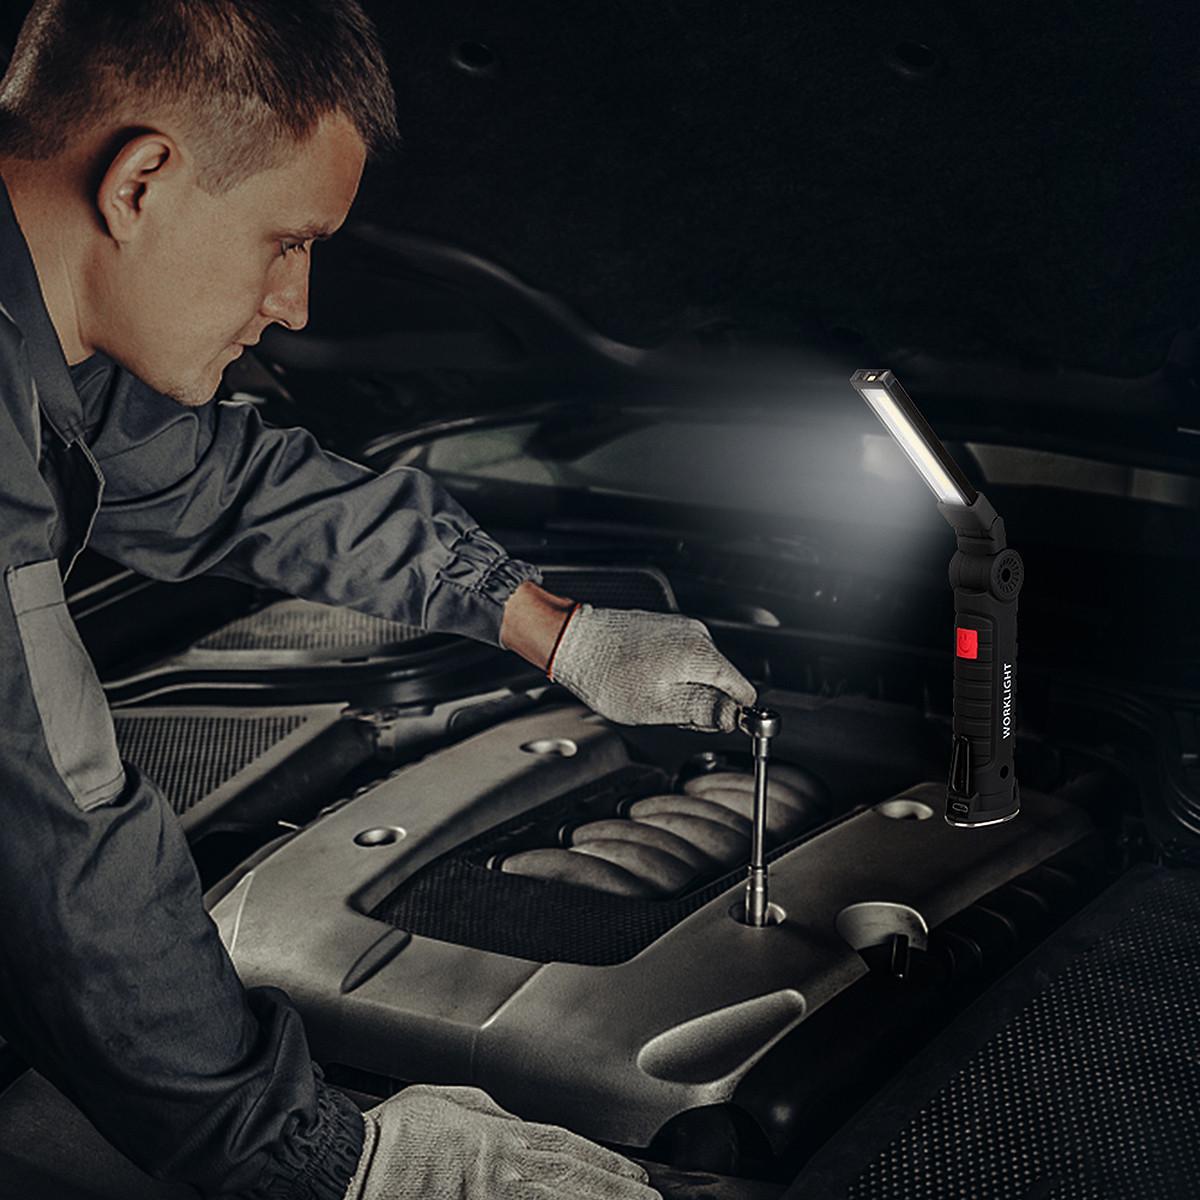 Lampa warsztatowa Heckermann postawiona na części silnika